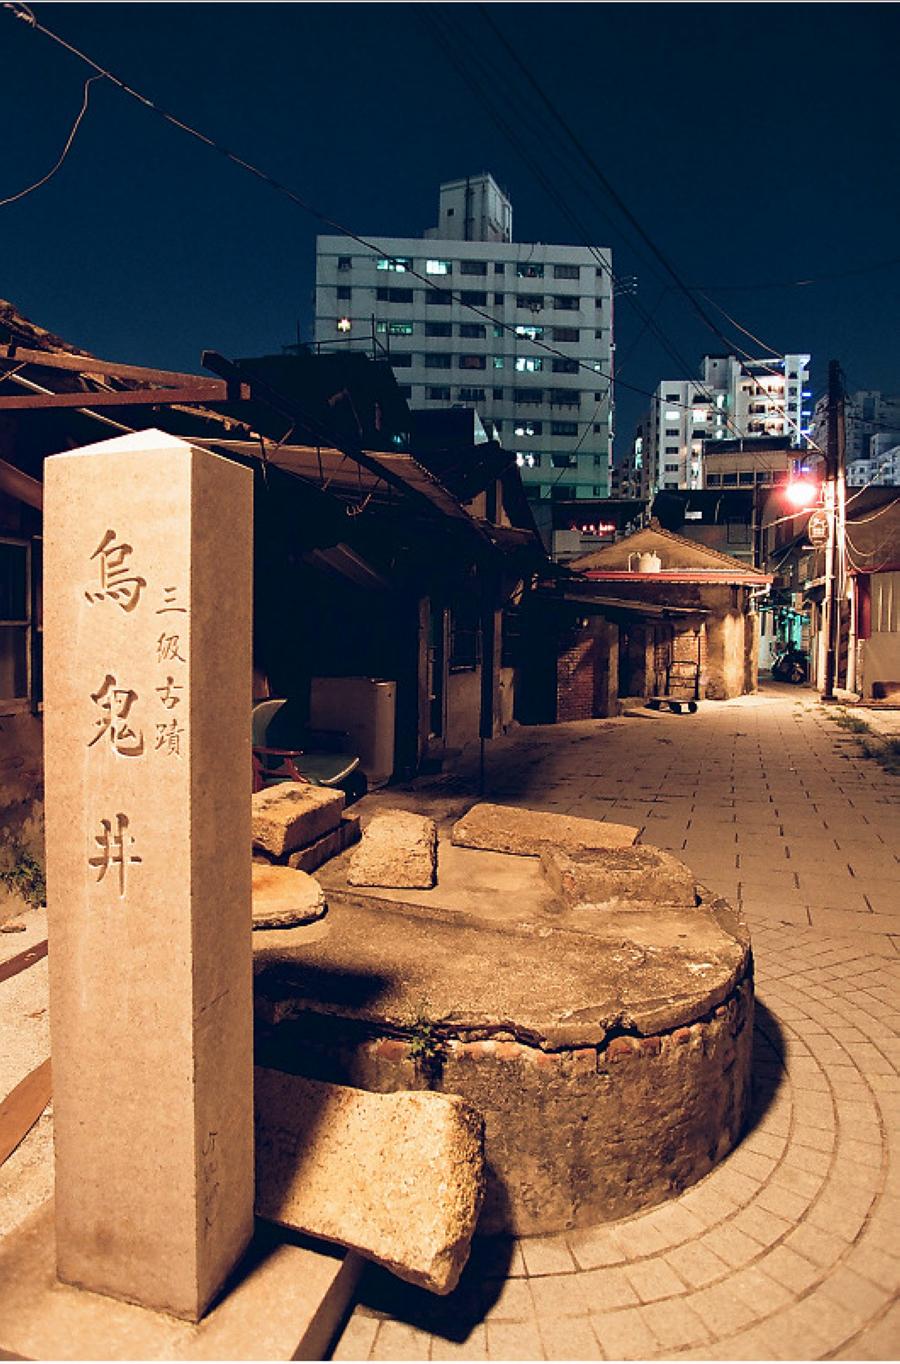 鎮北坊文化園區烏鬼井(Photo Credit: Max Chang @Flickr, License: CC BY 2.0,圖片來源:https://www.flickr.com/photos/29859646@N06/3845171322)